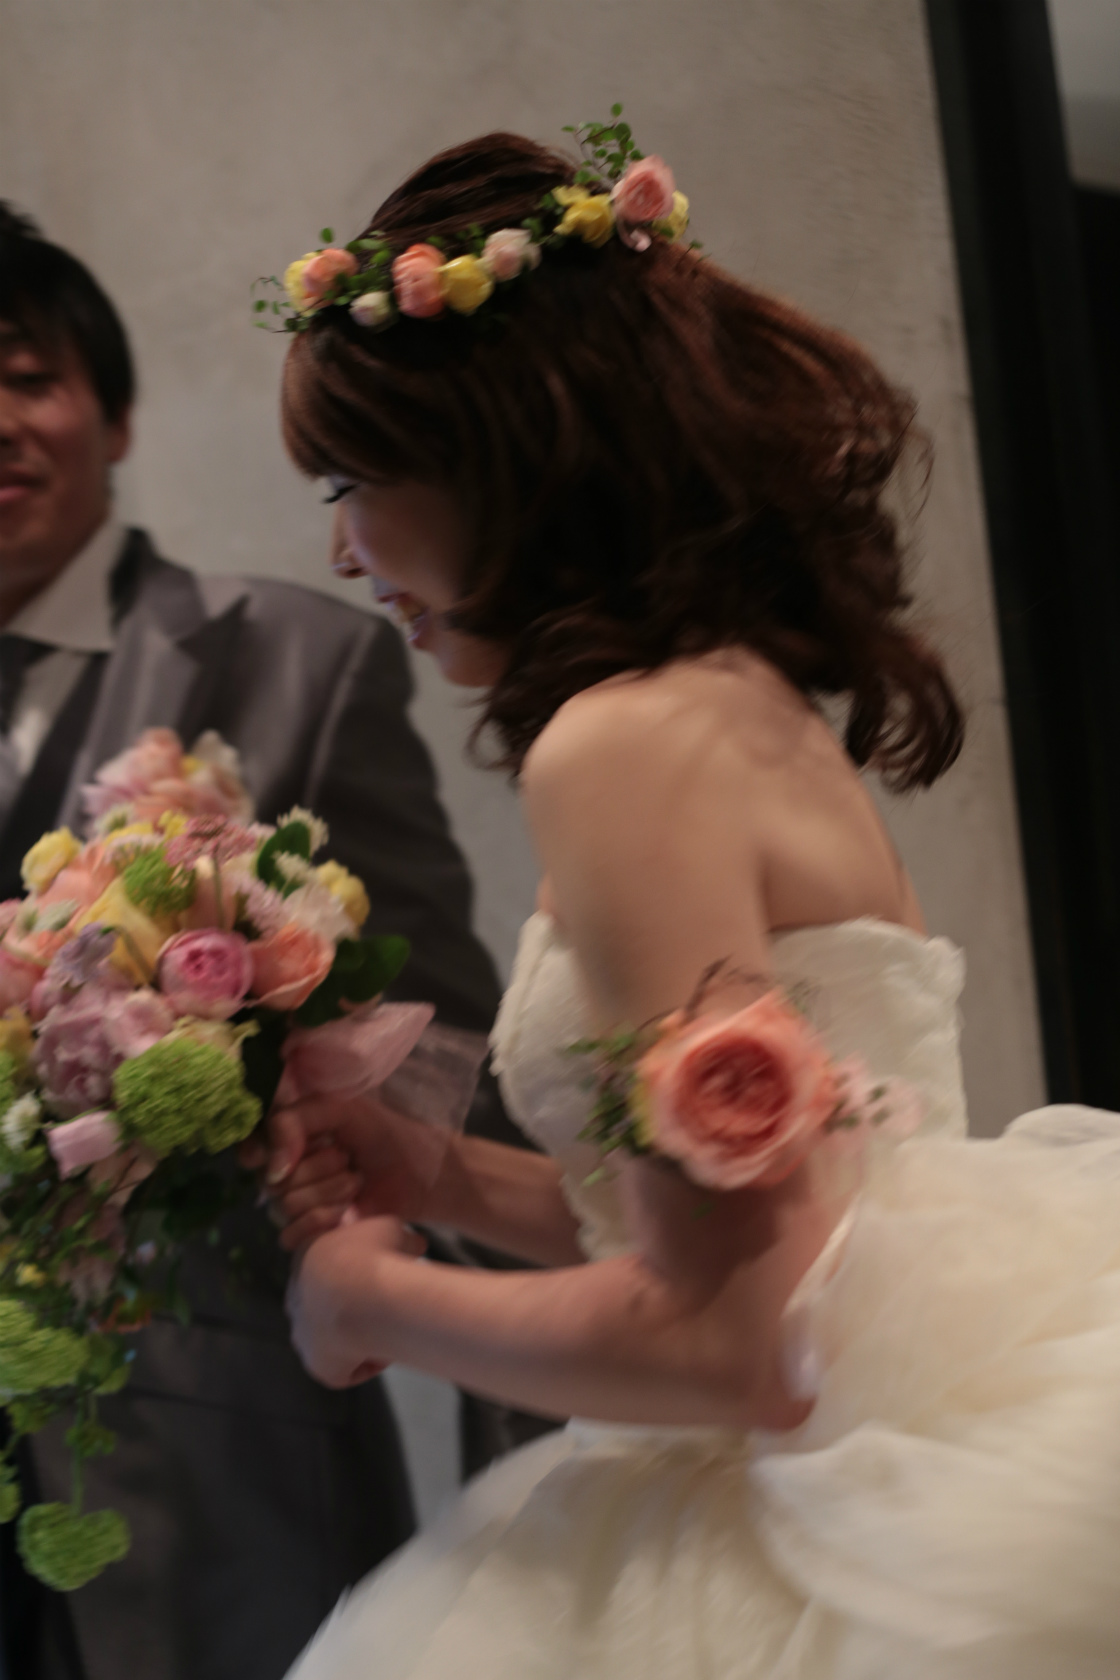 新郎新婦様からのメール 6月の花嫁 2_a0042928_1259597.jpg